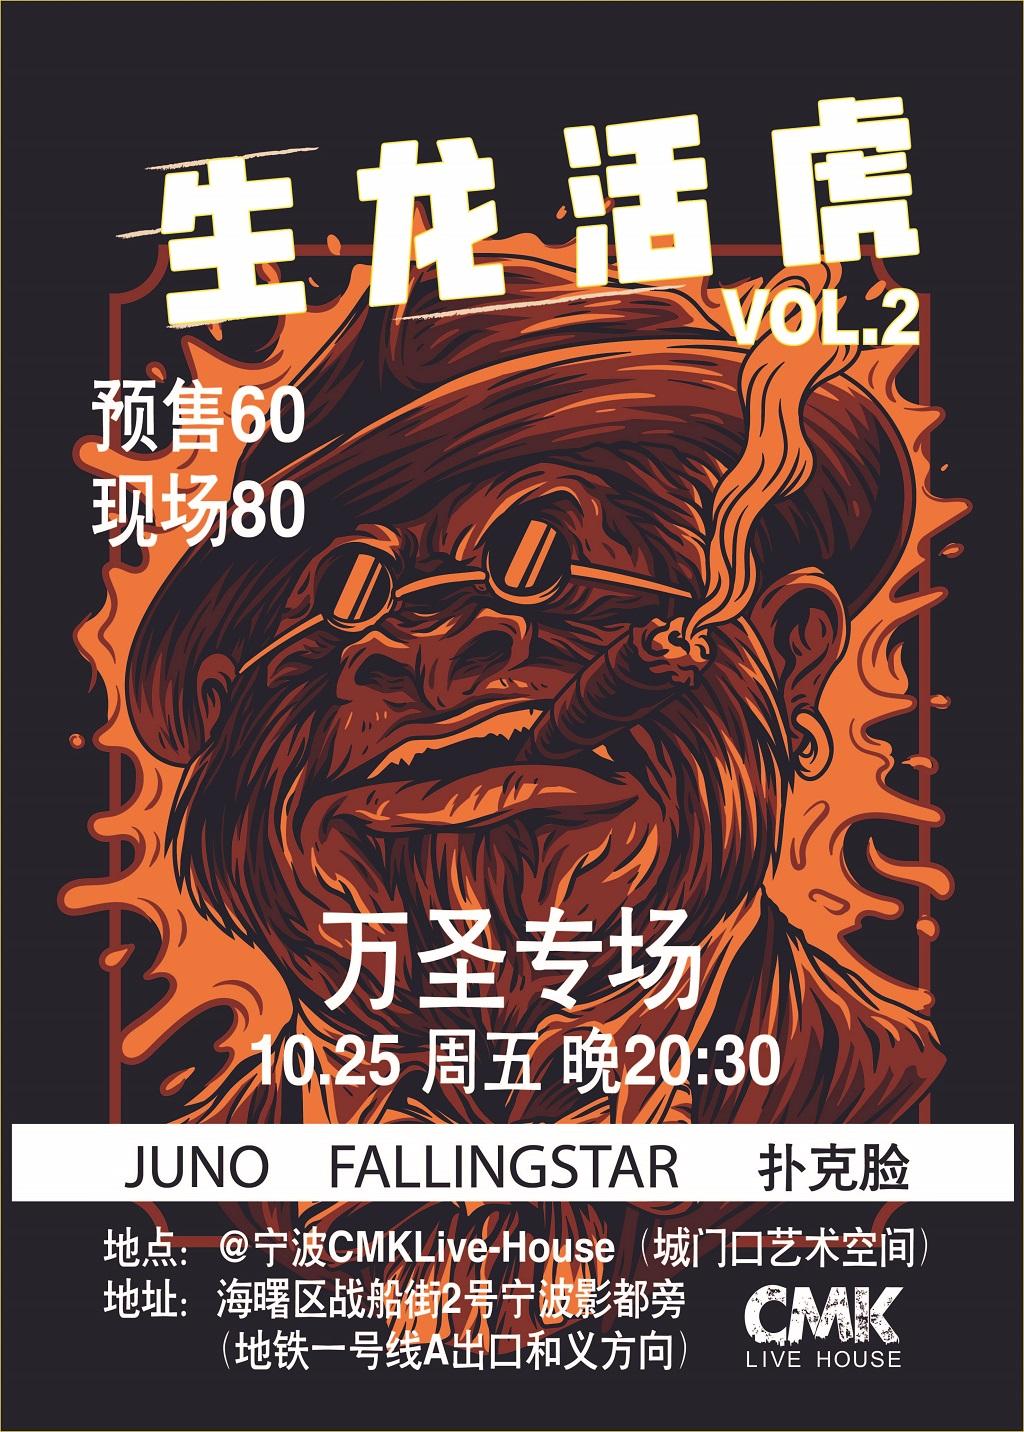 生龙活虎vol.2宁波站